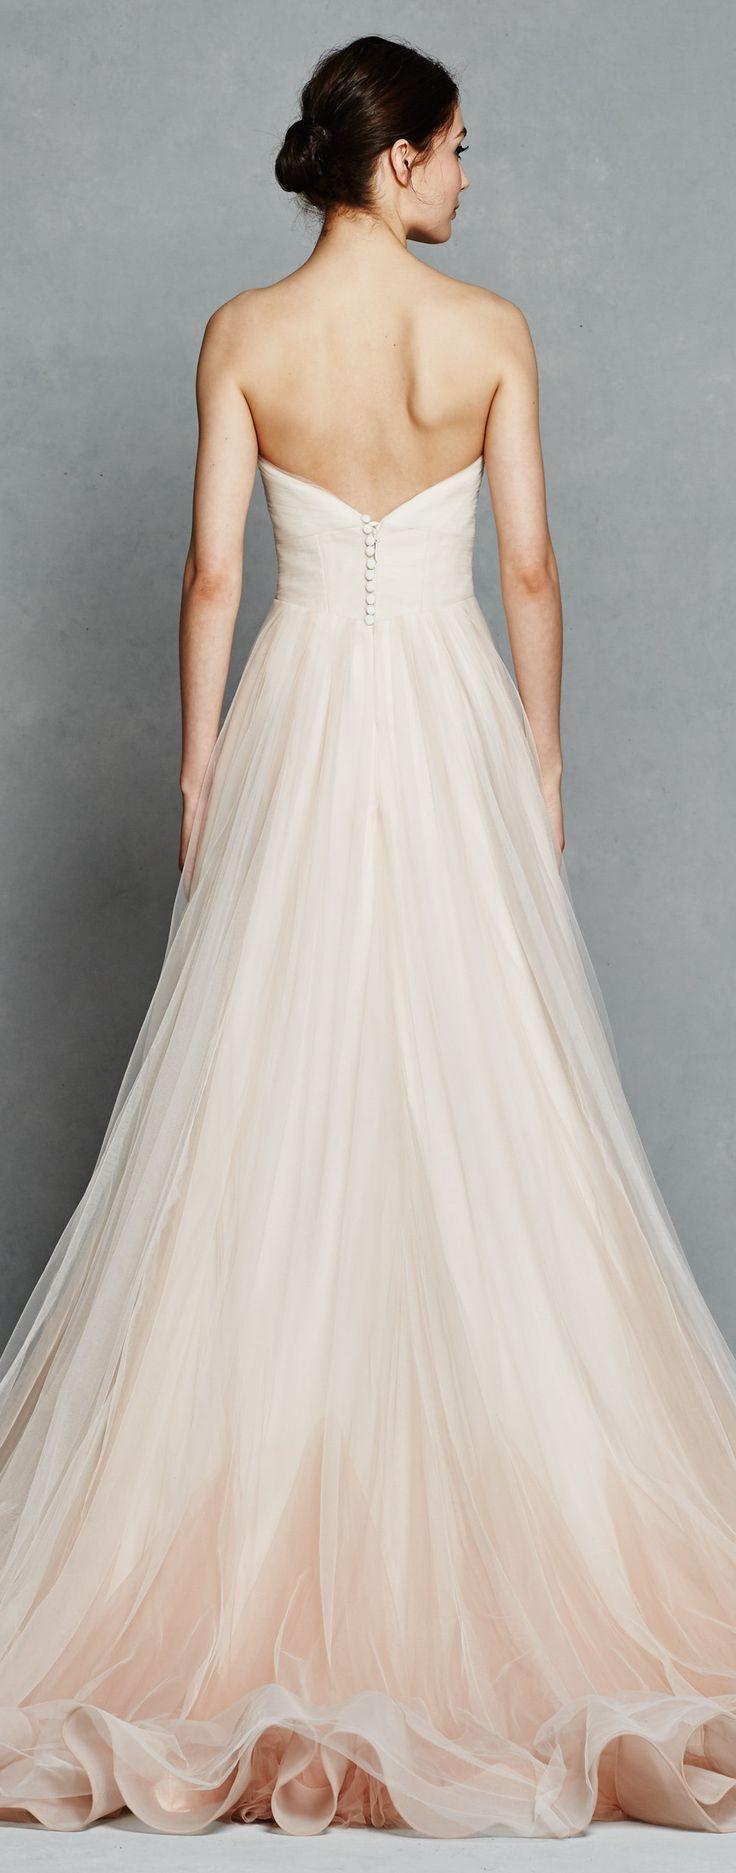 Blush ombre wedding dress by Kelly Faetanini